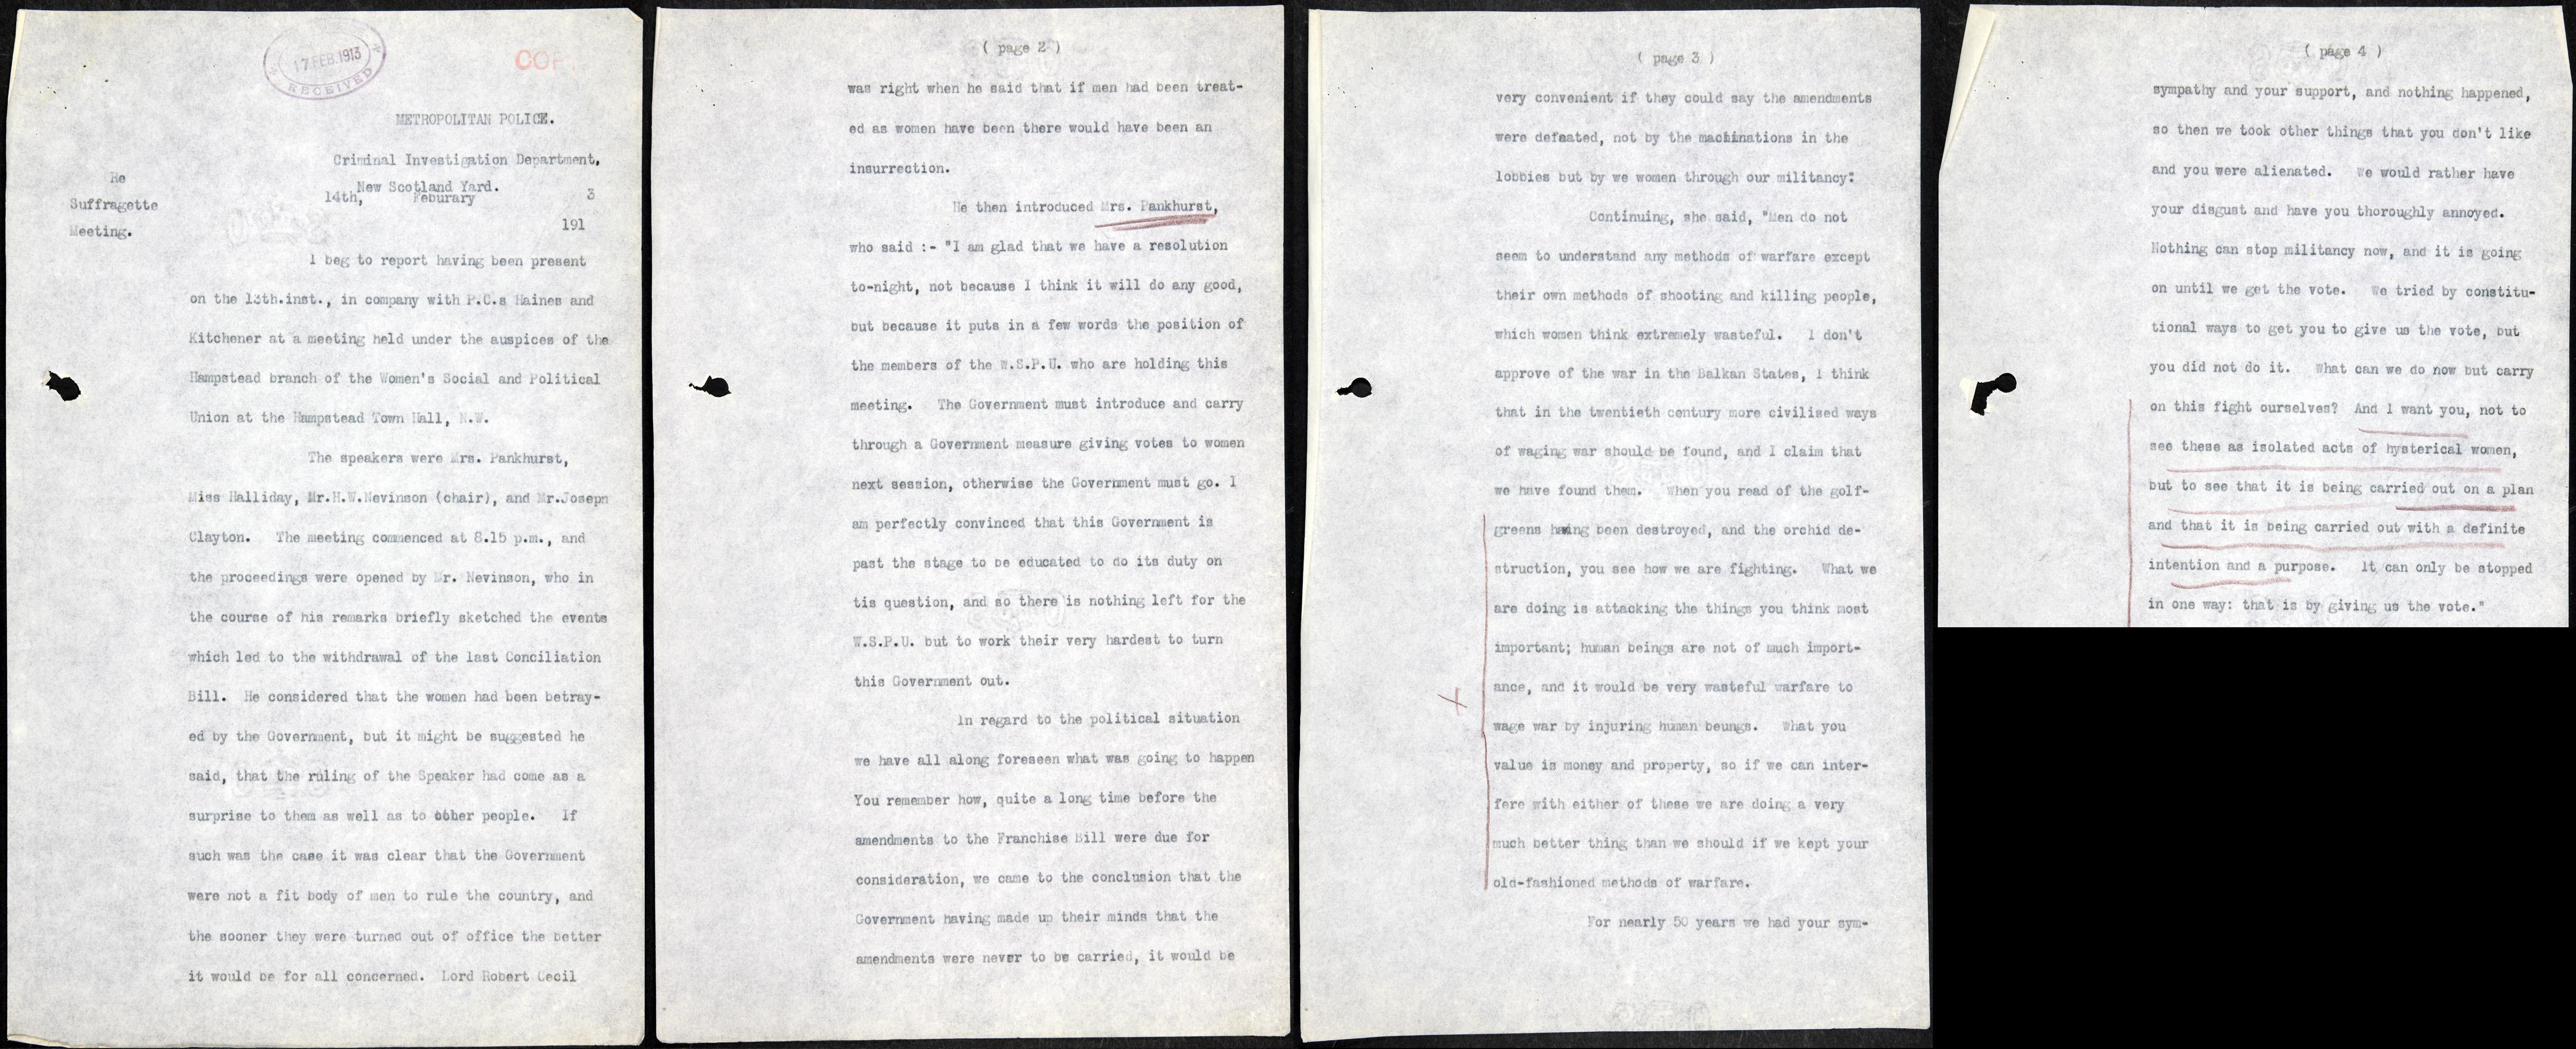 HO45/10695/231366 Speech of Mrs Pankhurst